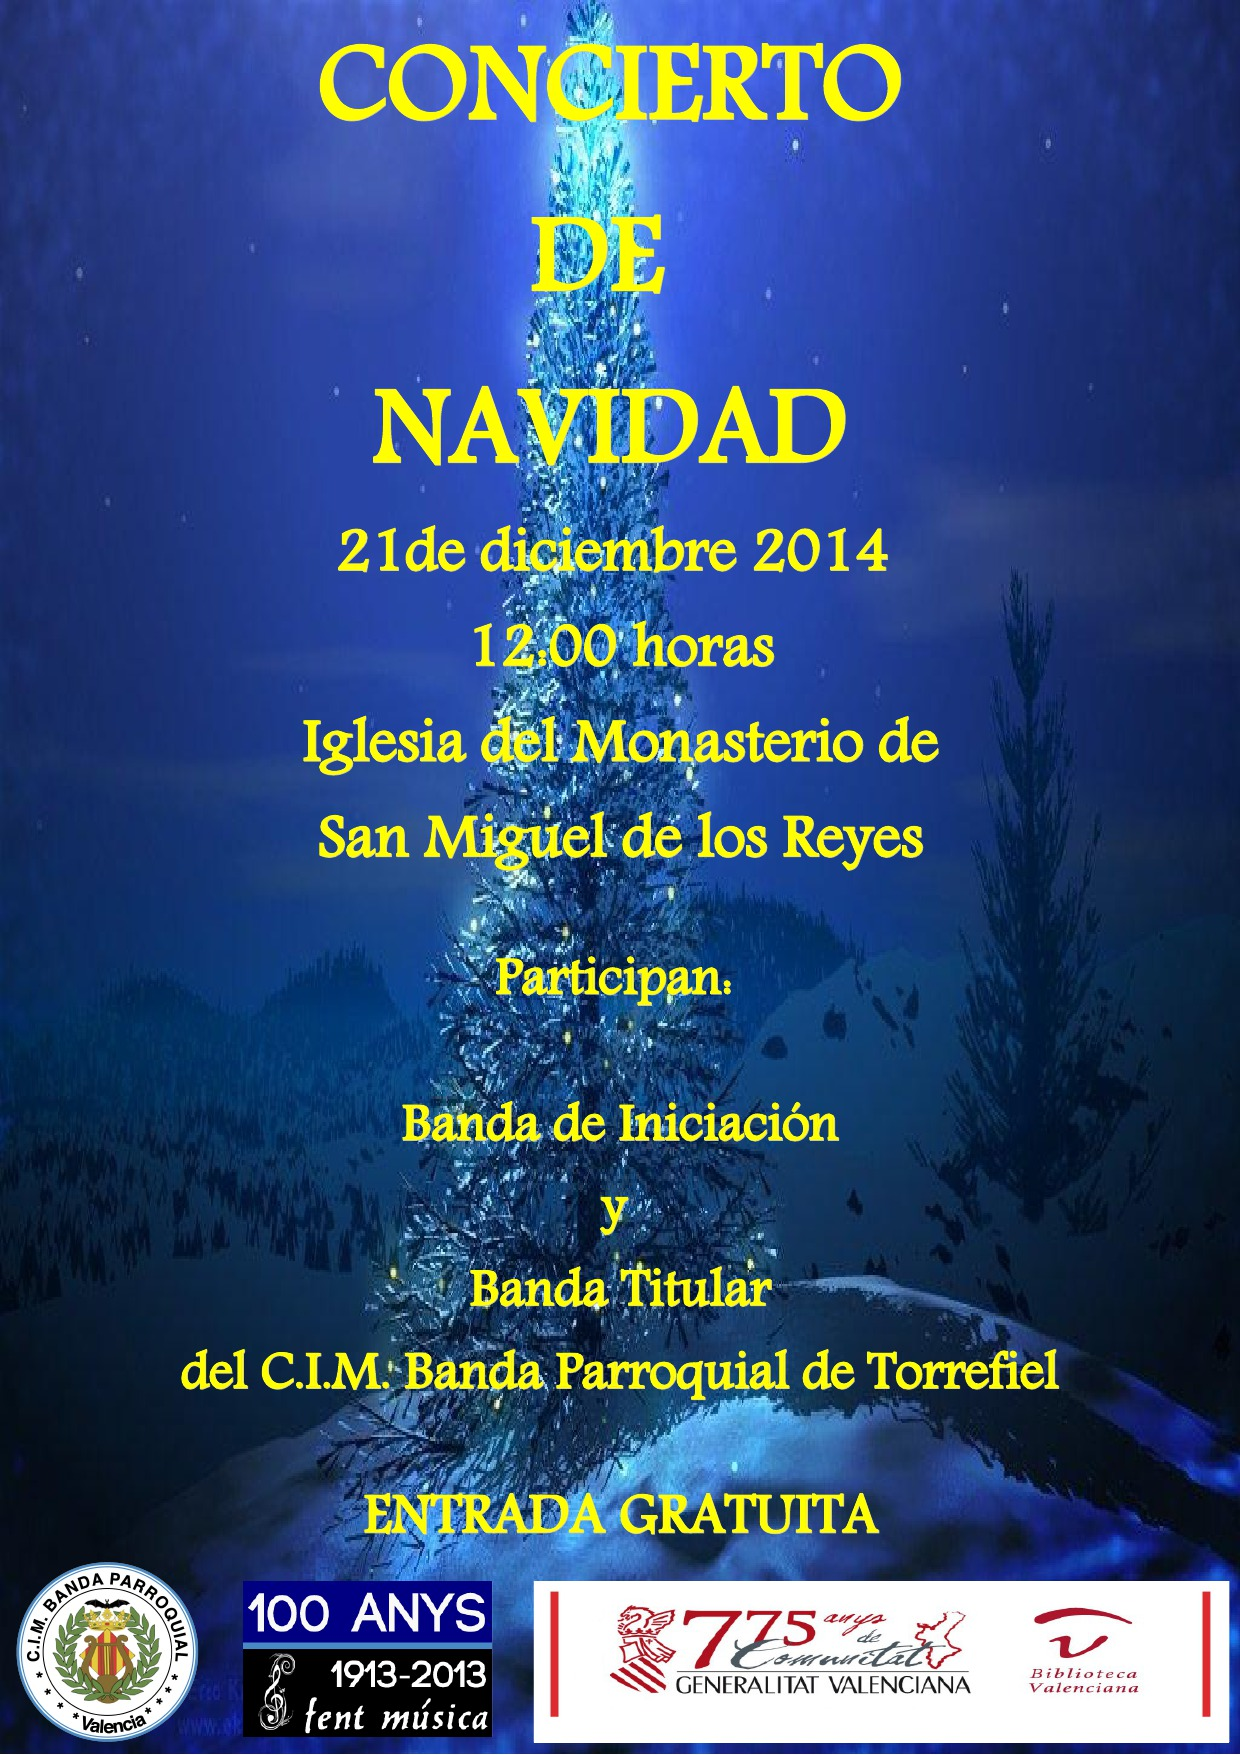 Cartel concierto navidad 2014